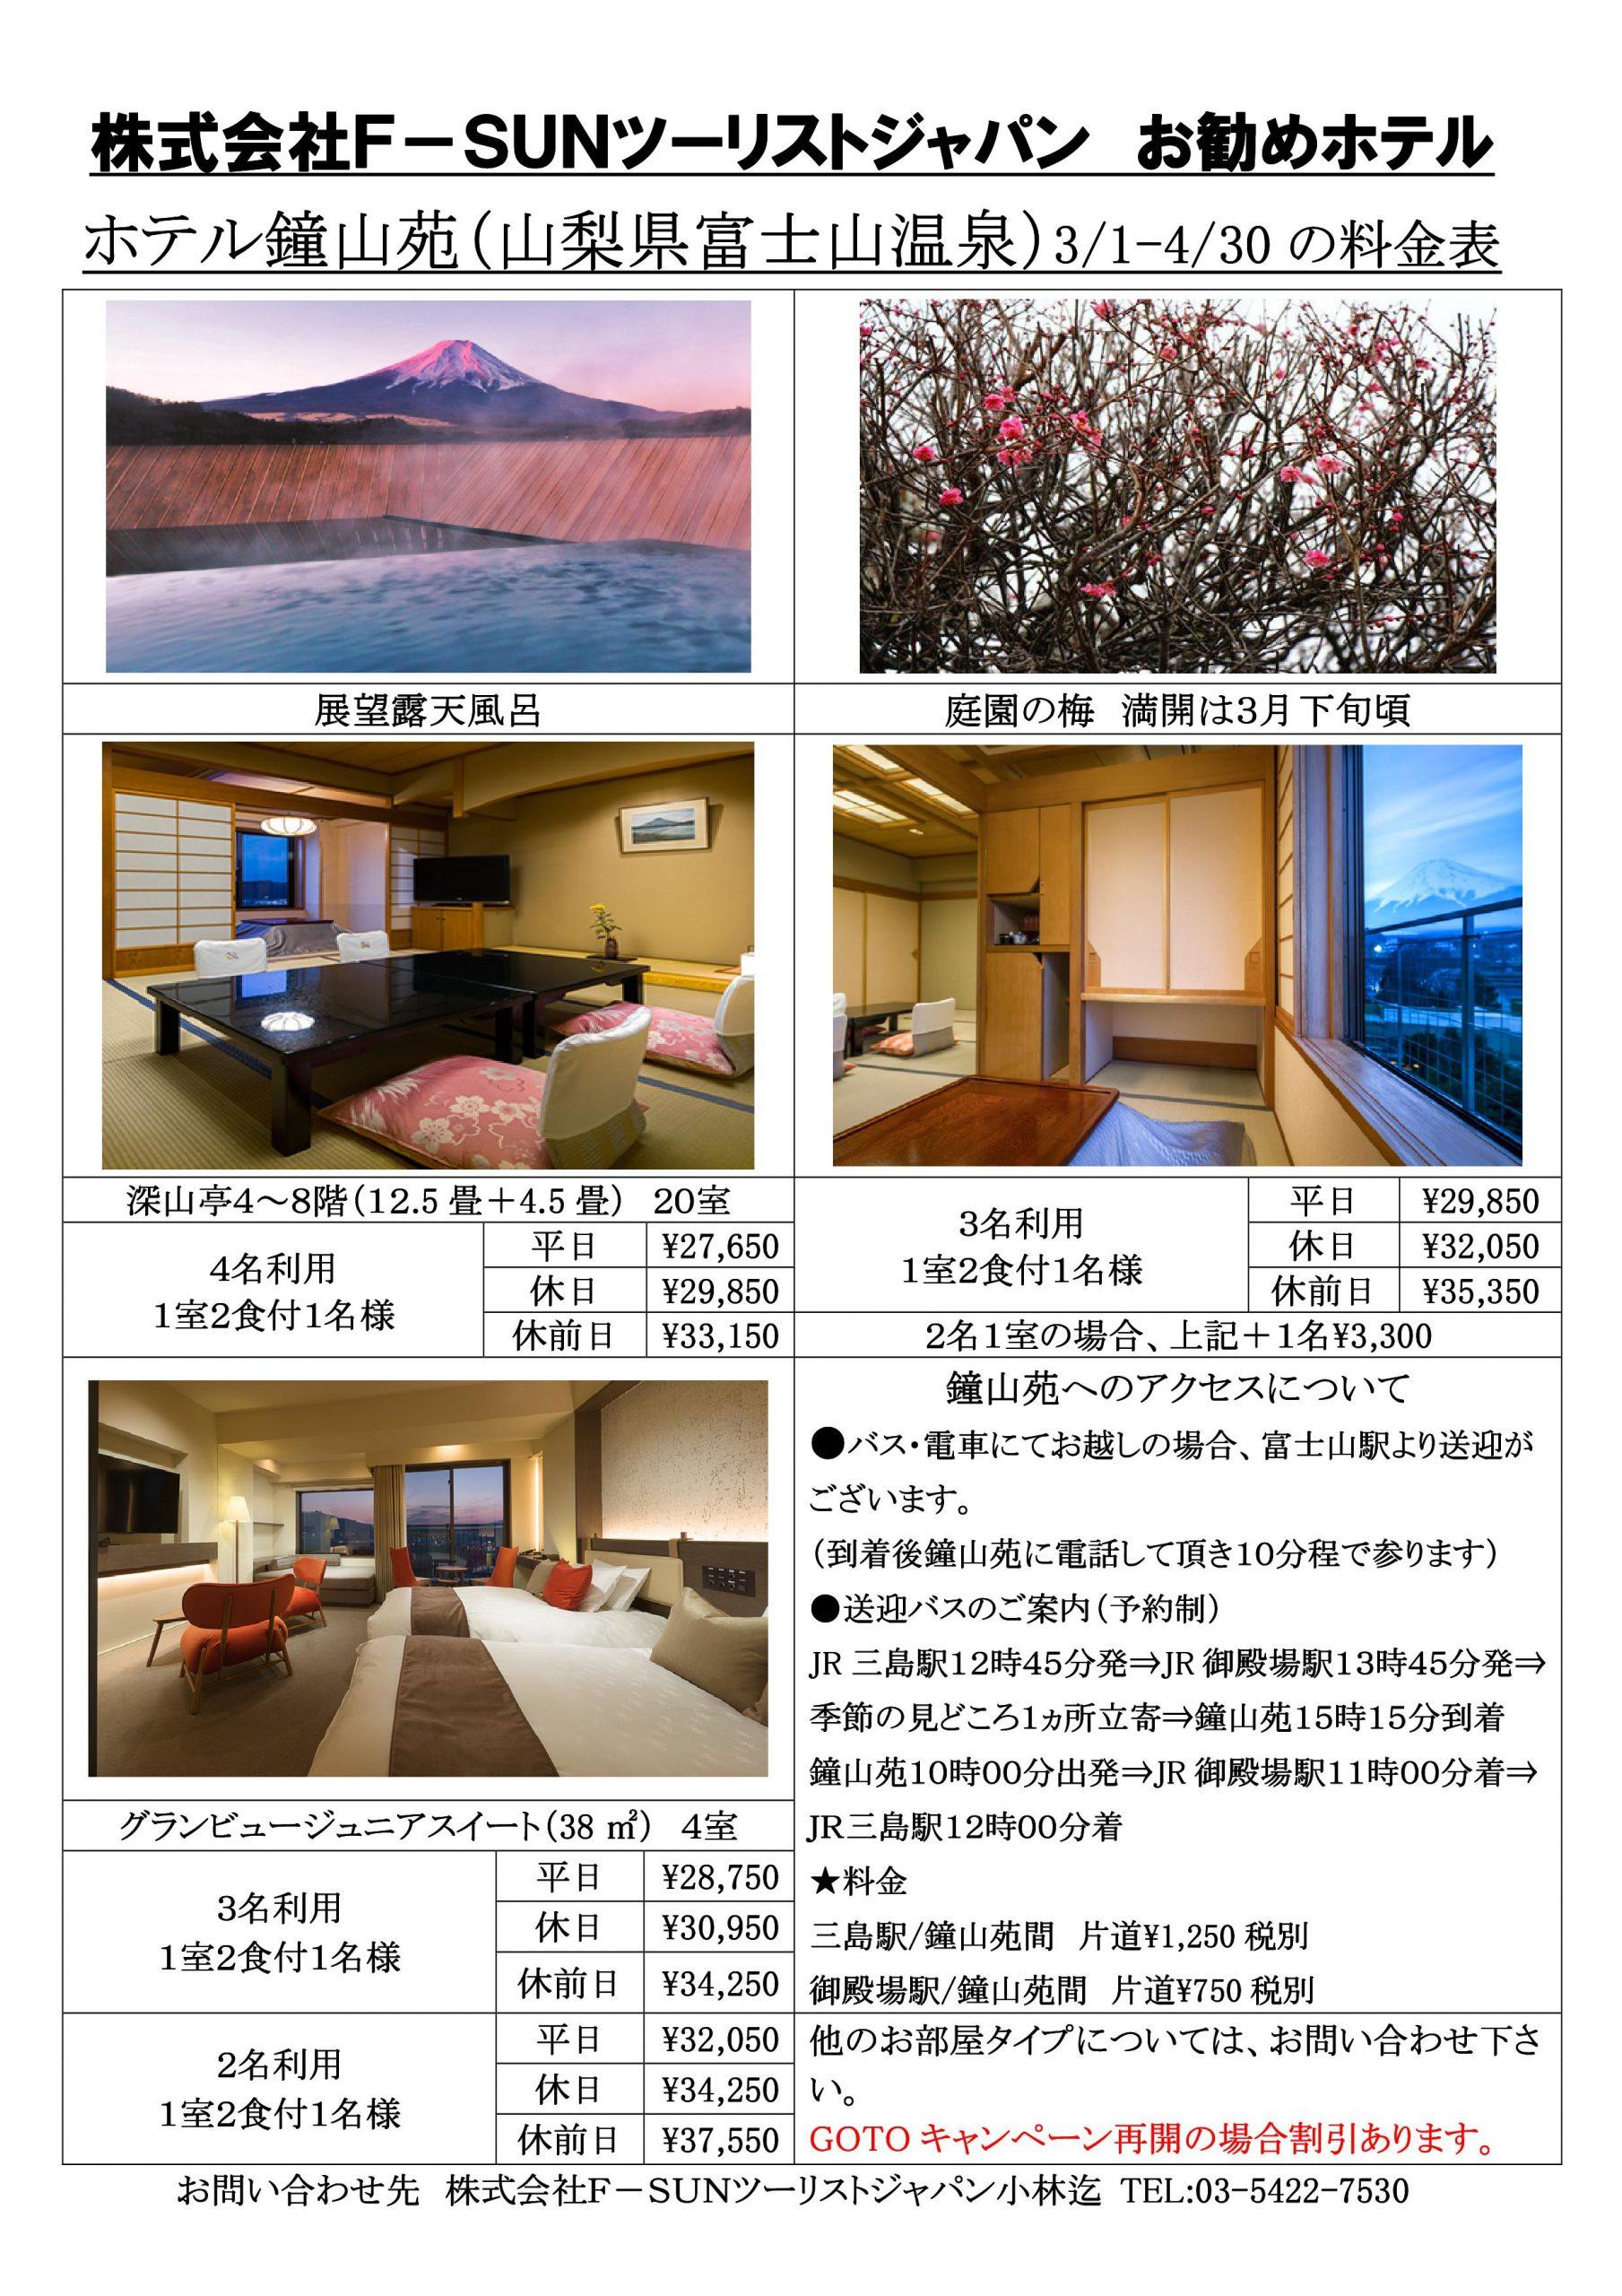 お勧めの宿 富士山温泉鐘山苑最新情報